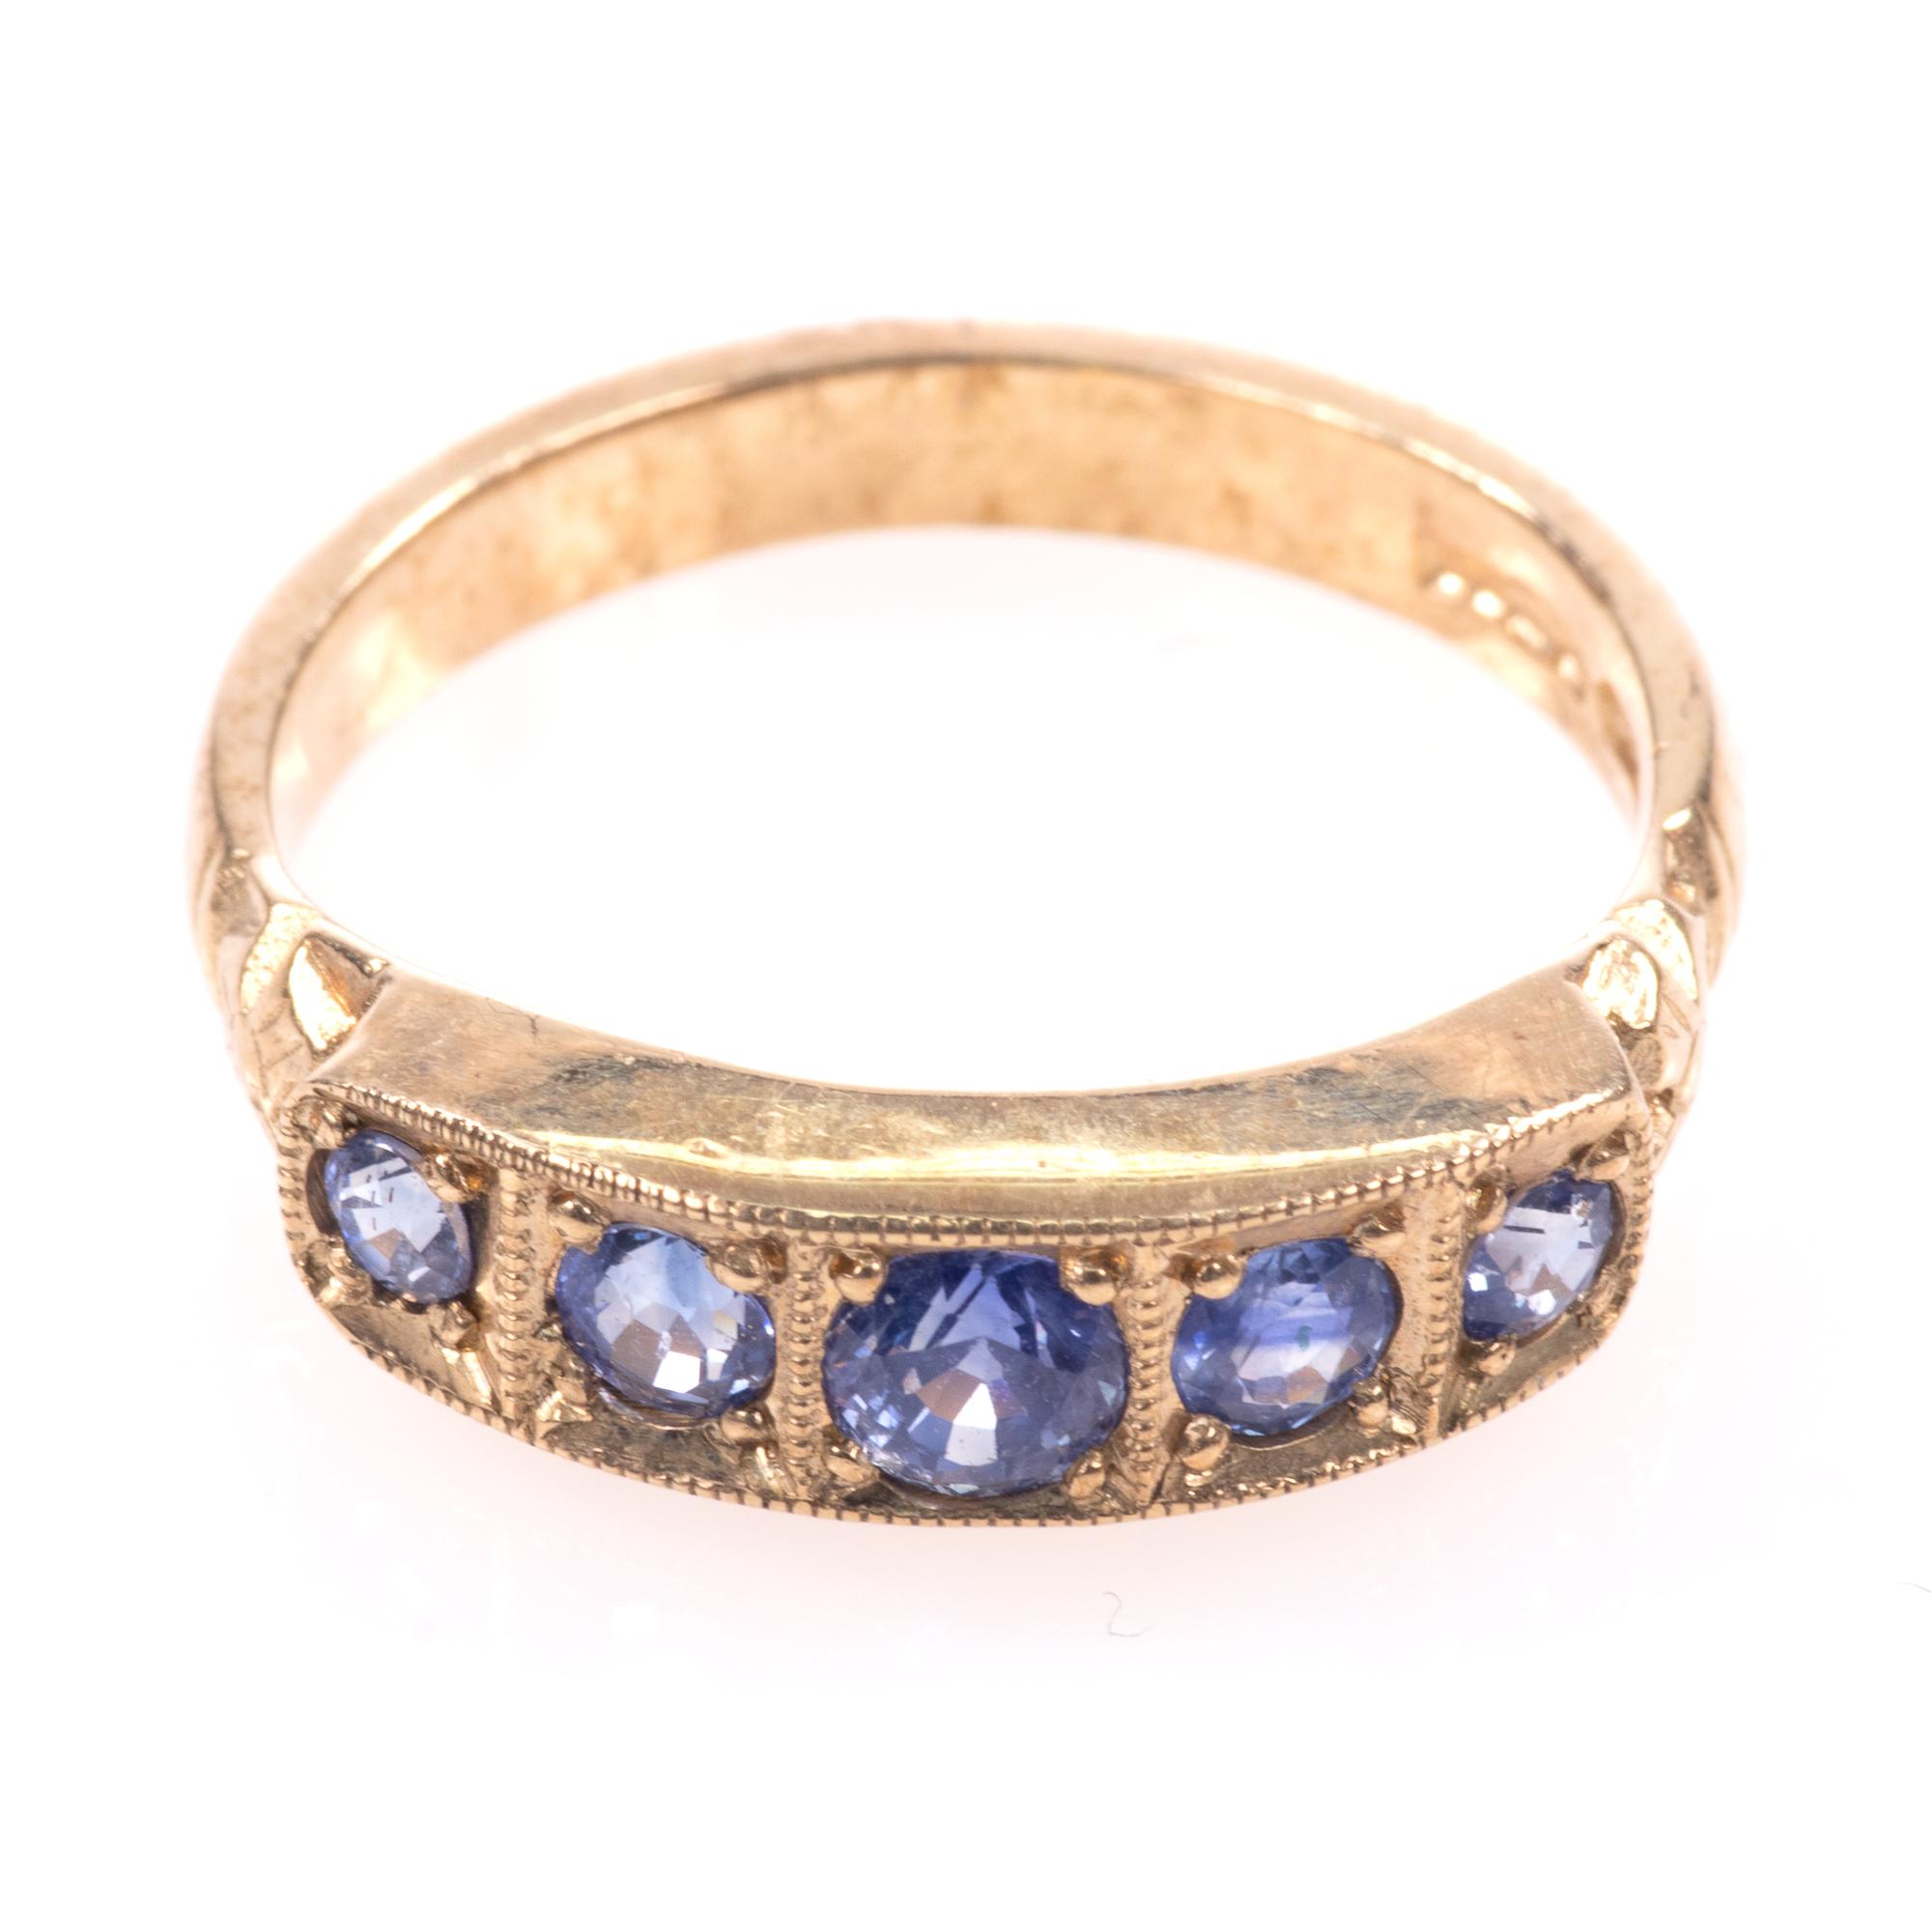 9ct Gold Aquamarine Ring - Image 3 of 8